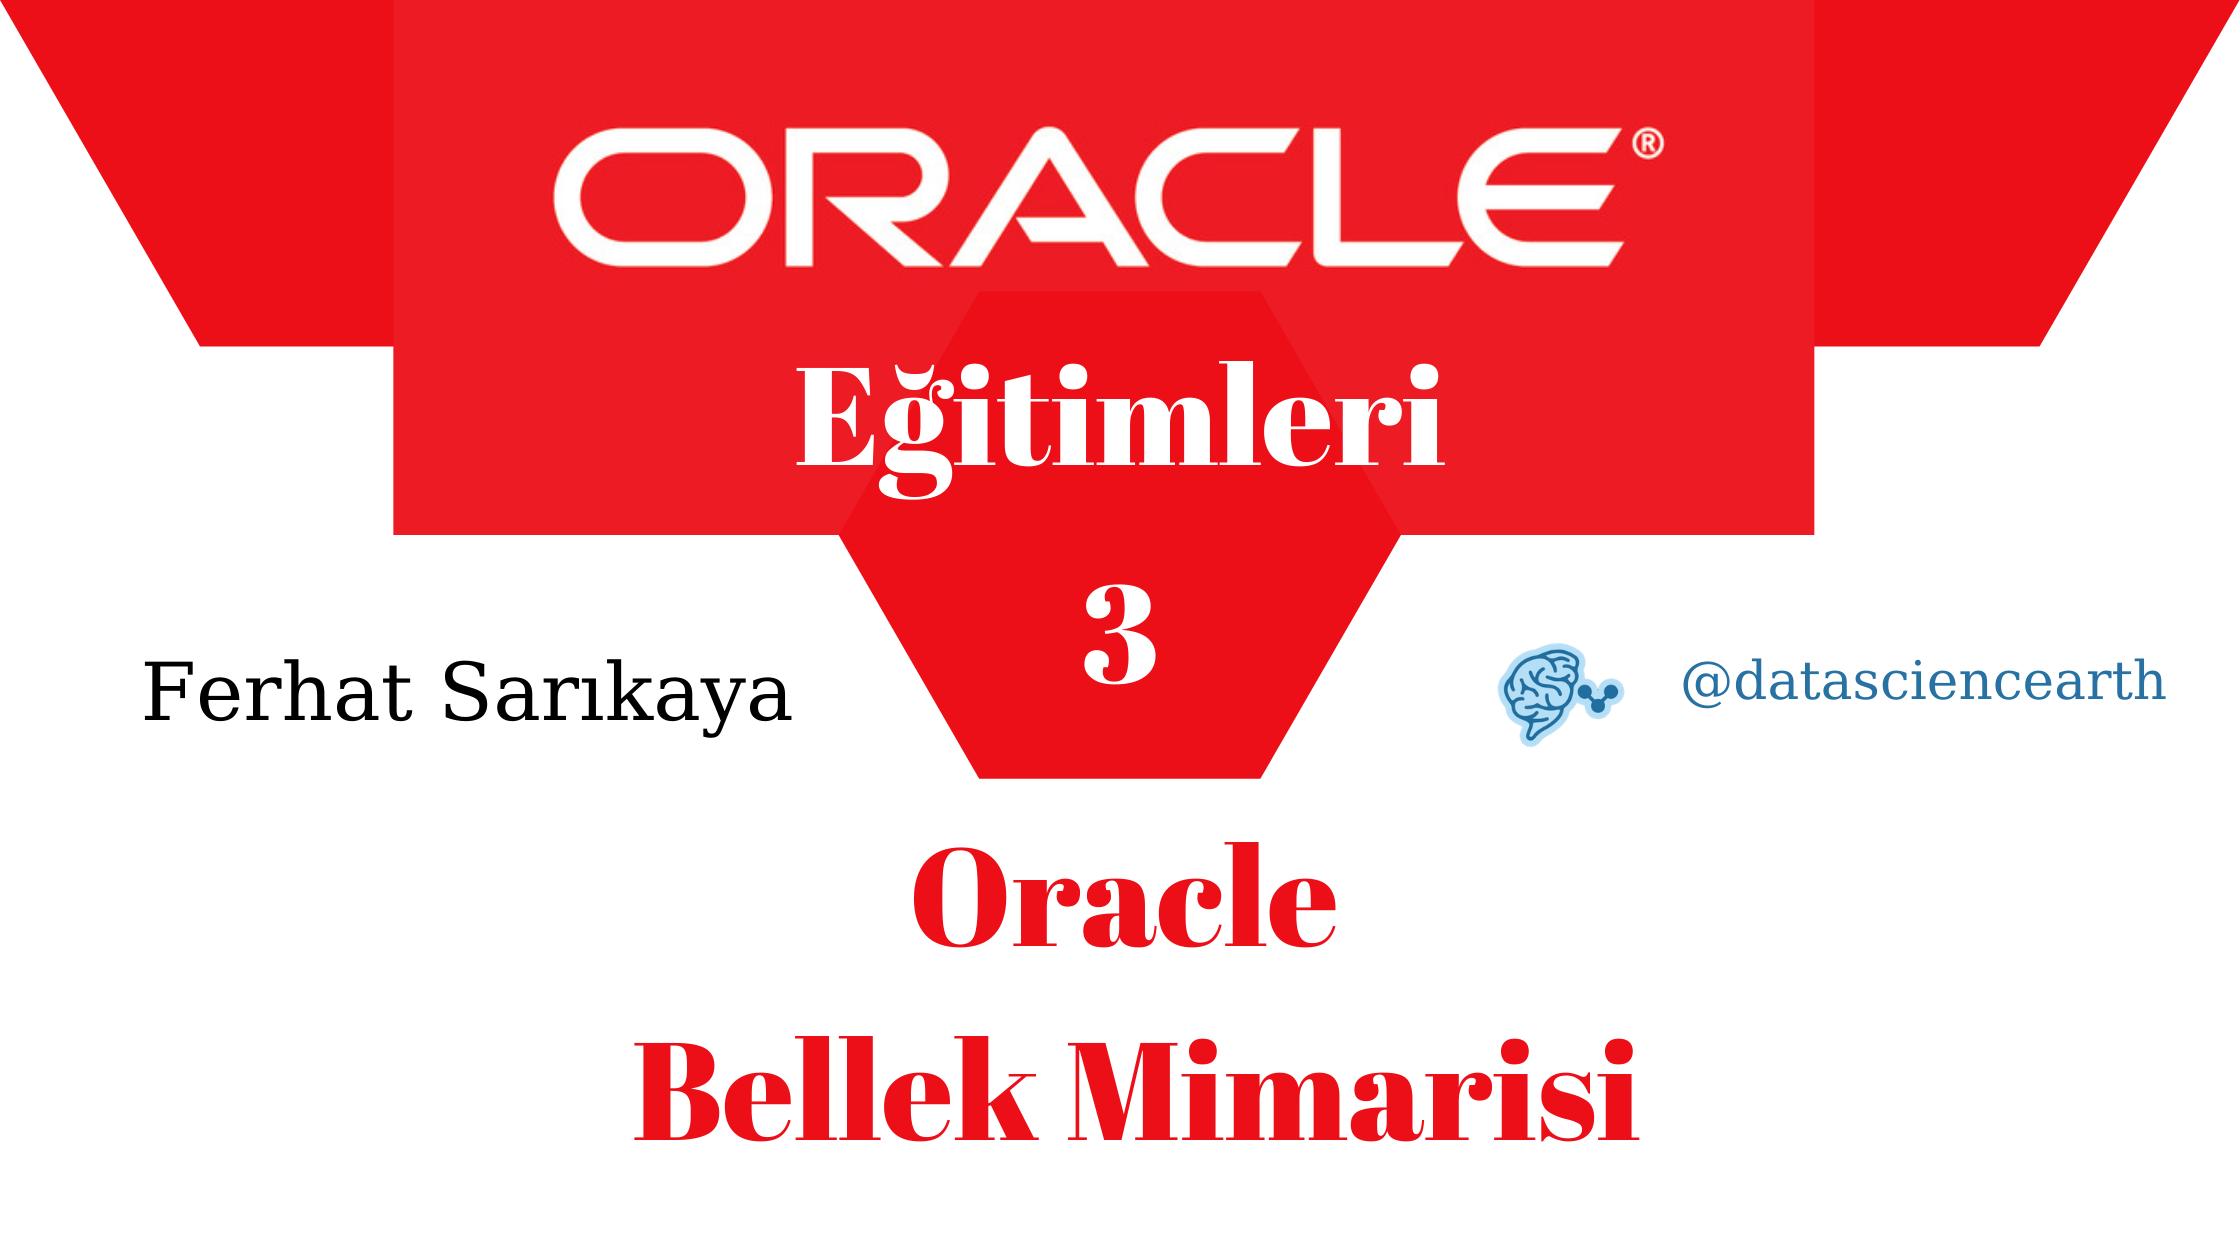 Oracle Eğitimleri - Oracle Bellek Mimarisi